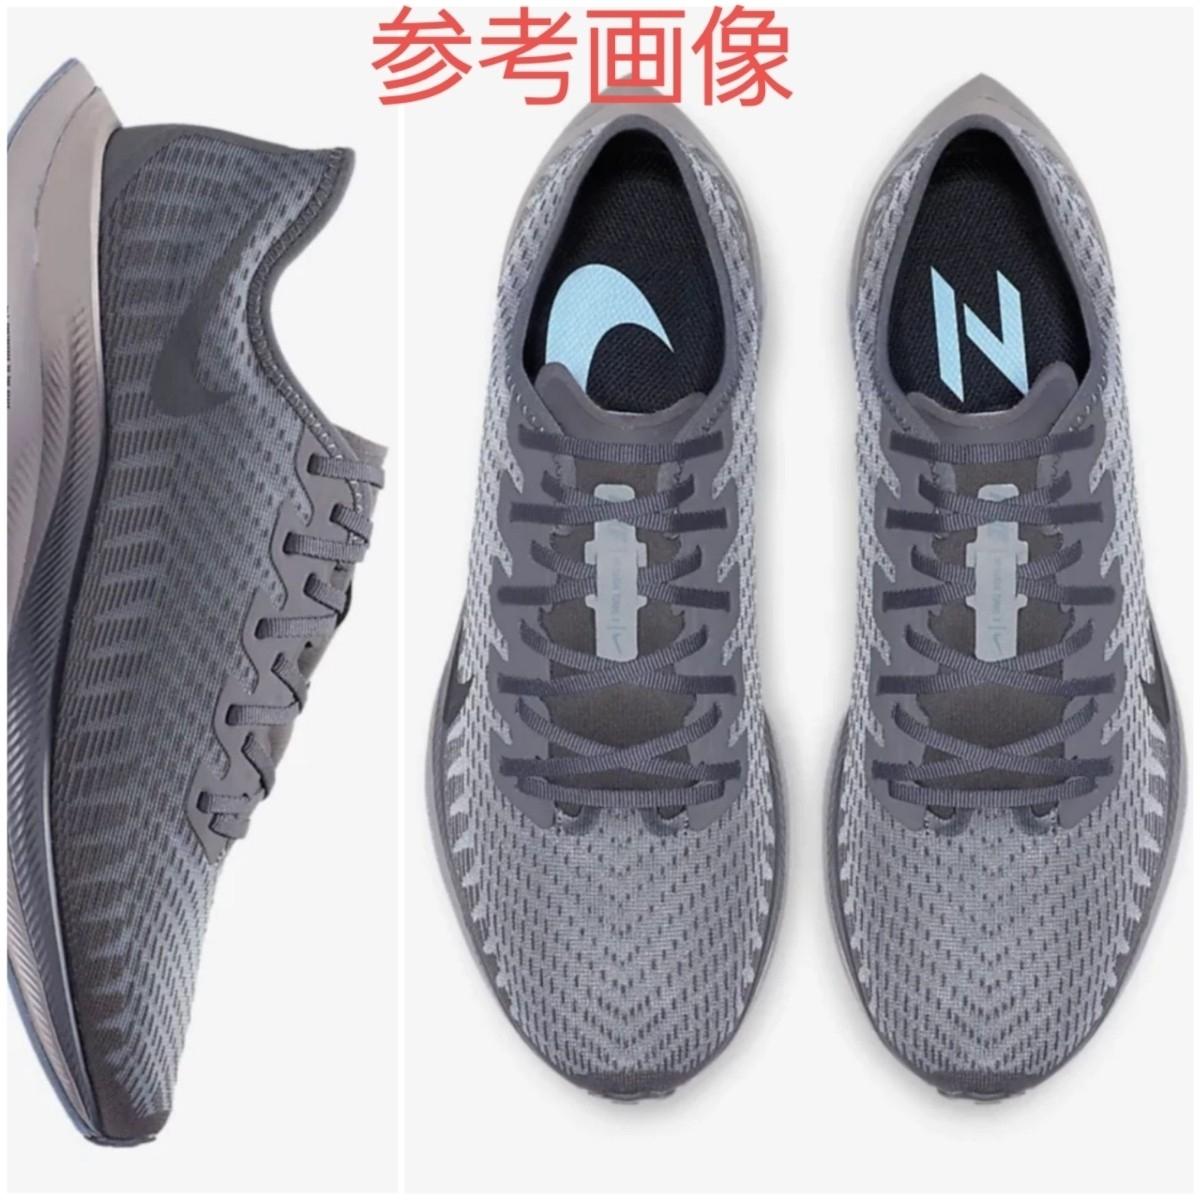 【新作 送料込】NIKE オレゴンプロジェクト ペガサスターボ2 26㎝ oregonproject ナイキ ランニング マラソン シューズ 靴_画像4